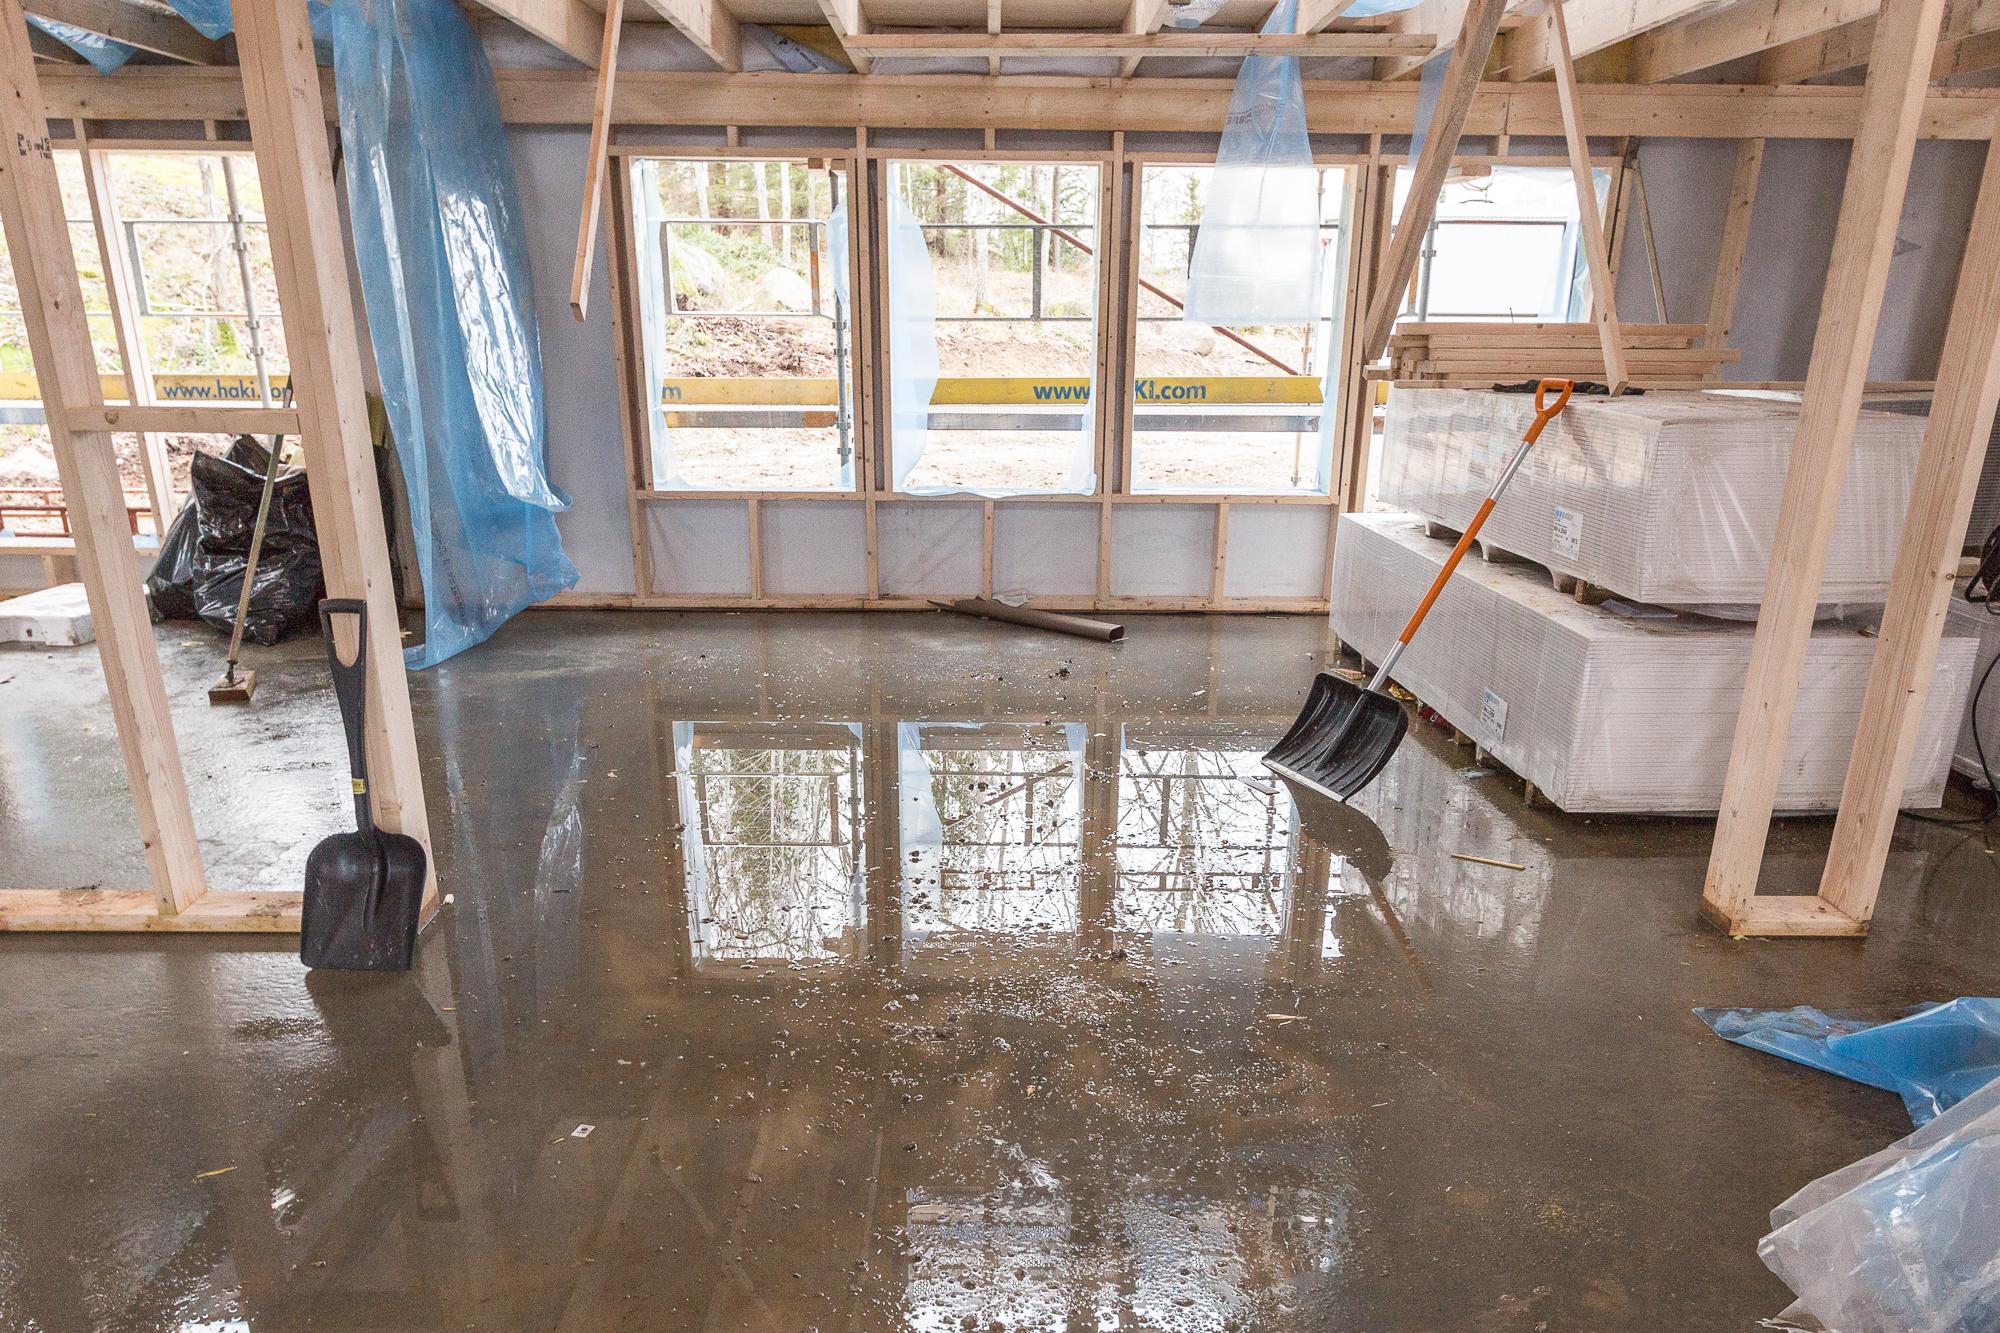 Det är en del fukt i huset, men den finns det en plan för med golvvärme och luftavfuktare som ska ta upp all den fukt betongplattan behöver avge för att komma ner till ca RF 85%, vilket är kravet för att man ska kunna lägga tätskikt och parkett.